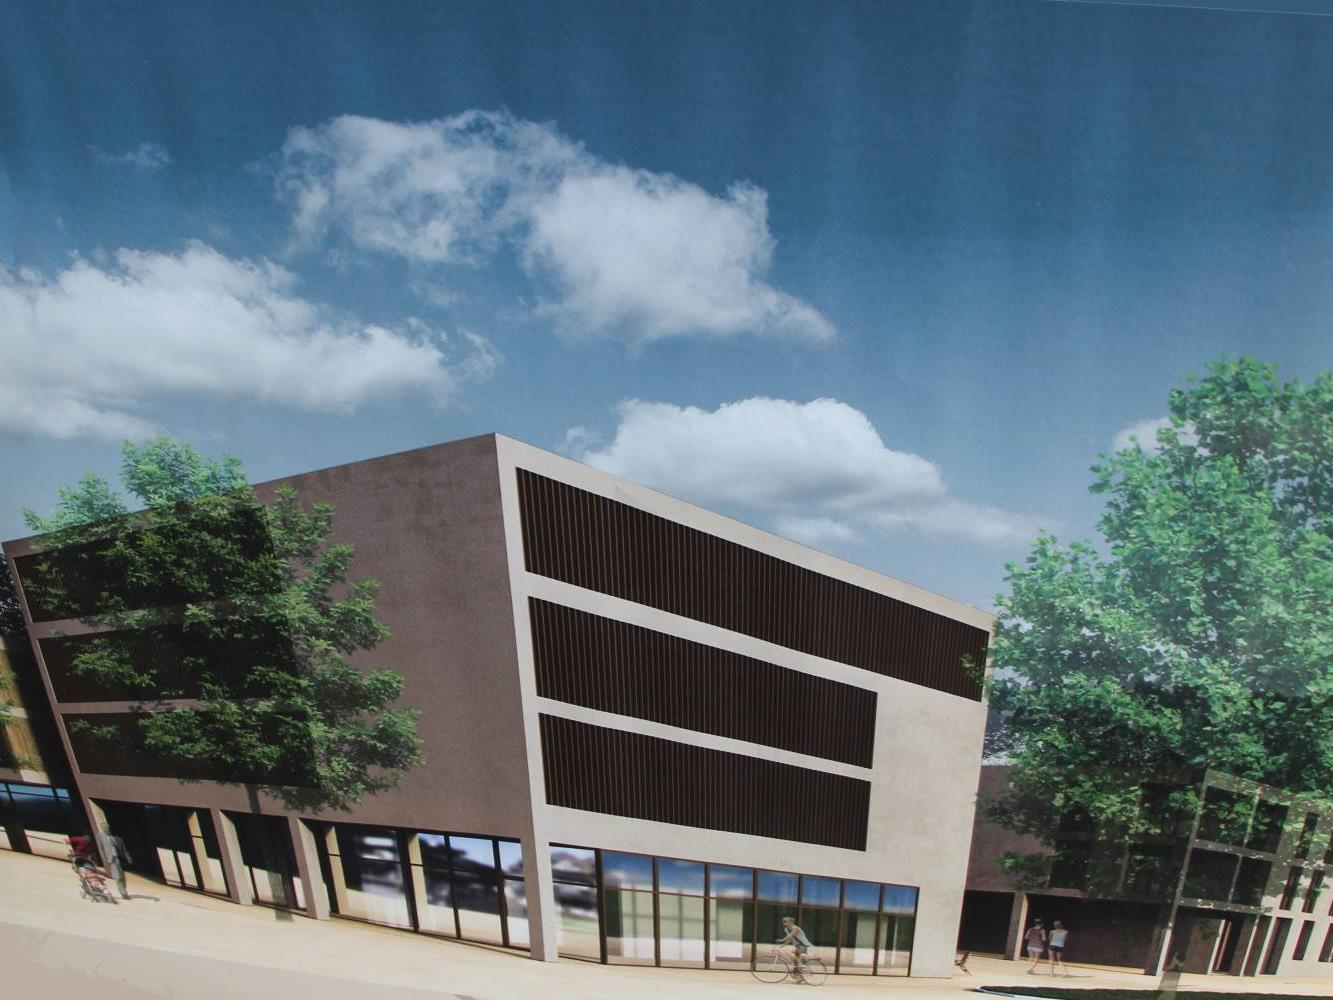 Ausgestellte Visualisierung des geplanten Saminaparks im Ortszentrum